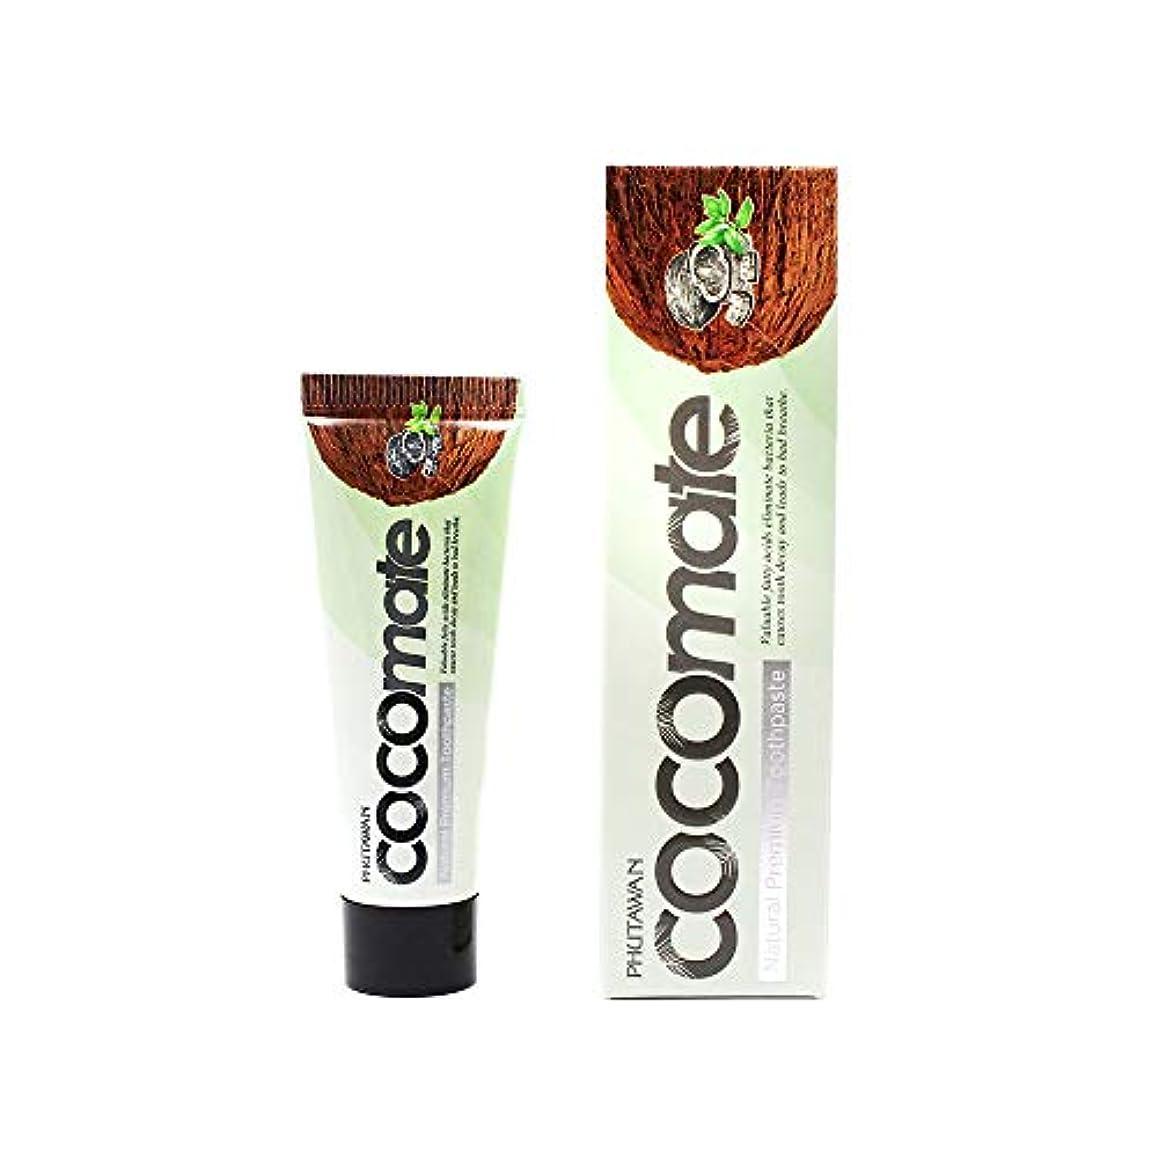 ボリュームキャンセル結婚式歯磨き粉 Cocomate Natural Premium Toothpaste